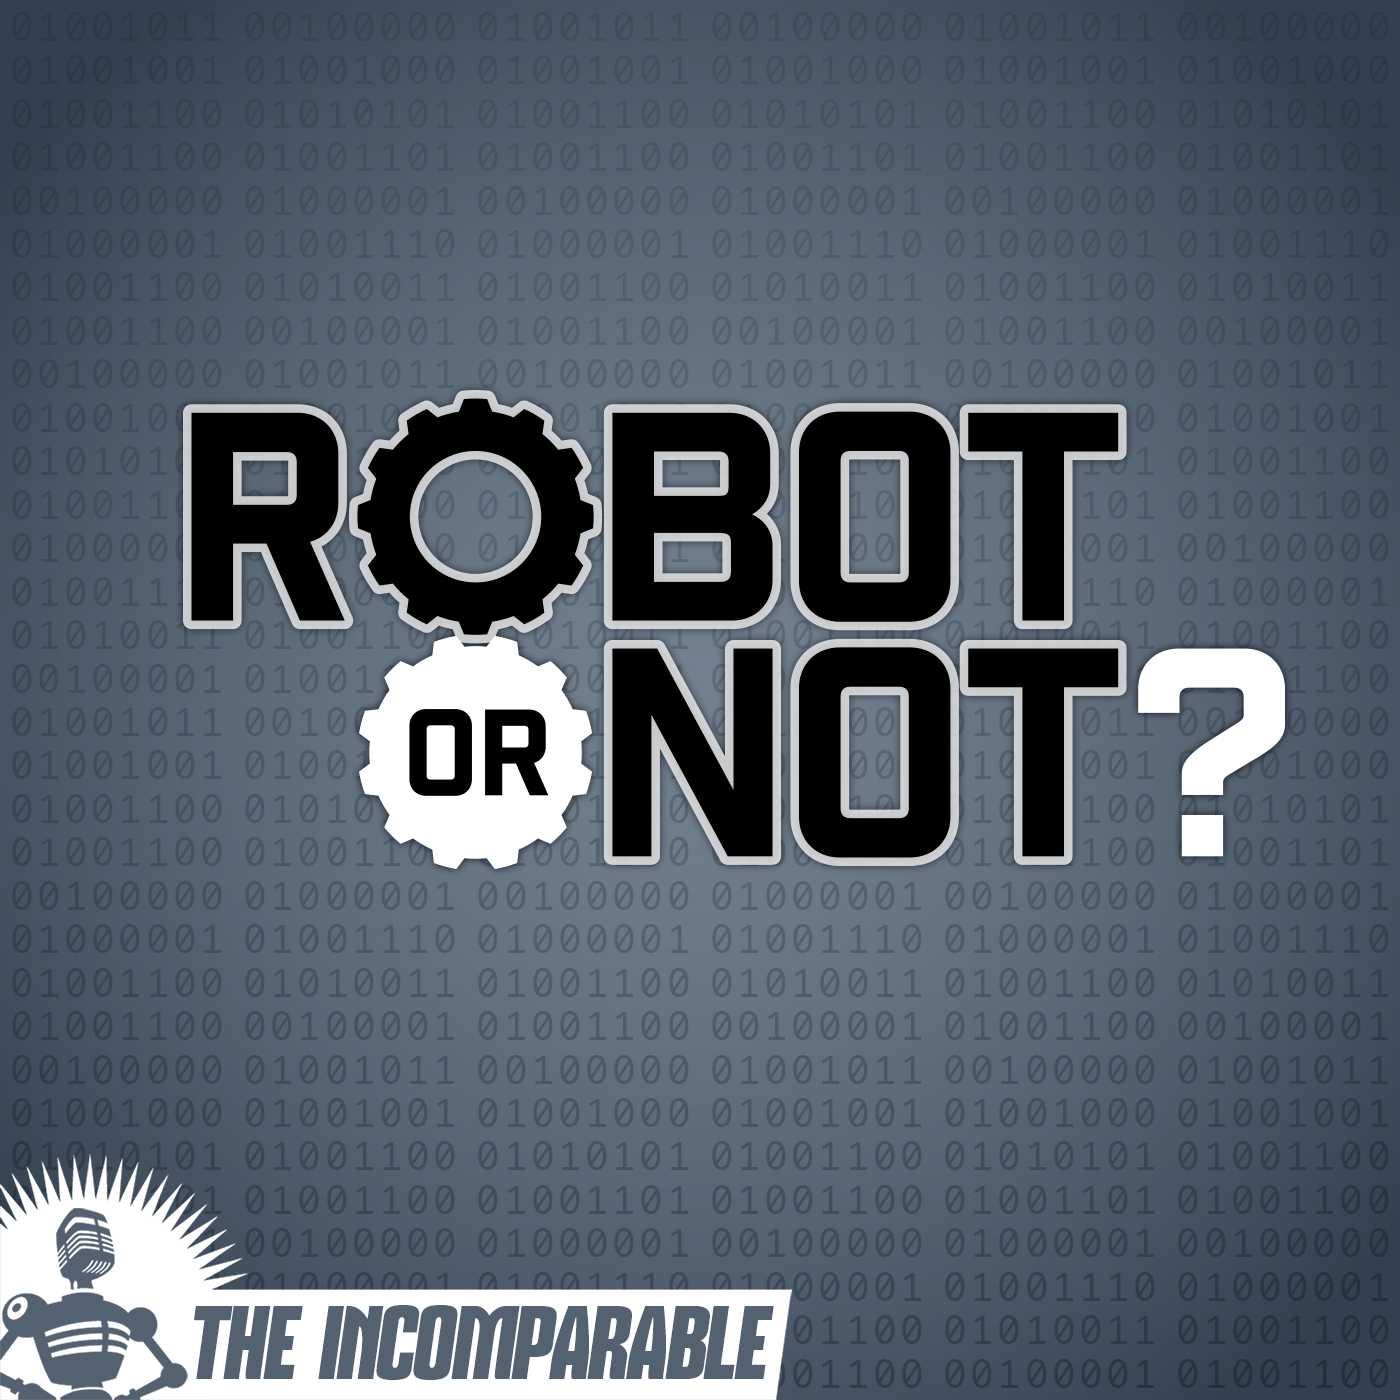 robot or not.jpeg